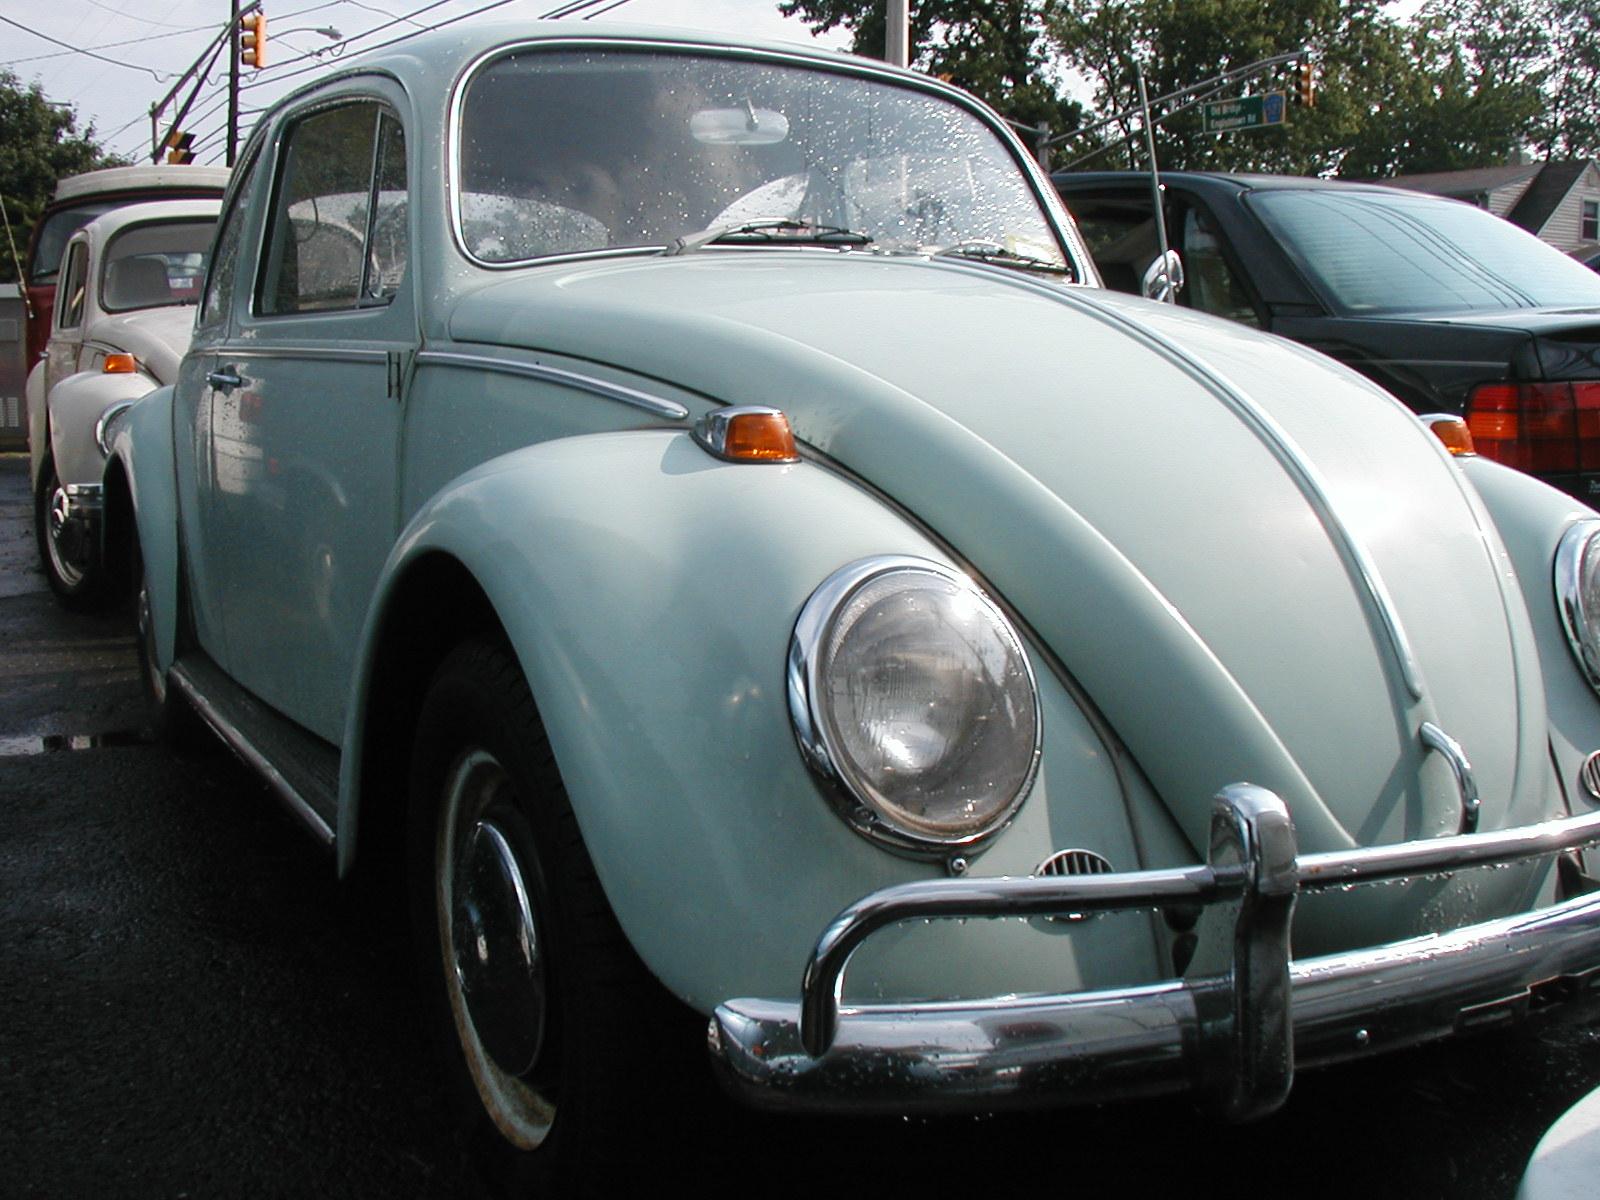 1966 Volkswagen Beetle 1 4 Mile Drag Racing Timeslip Specs 0 60 Air Cooled Vw Wiring Diagram L Blue